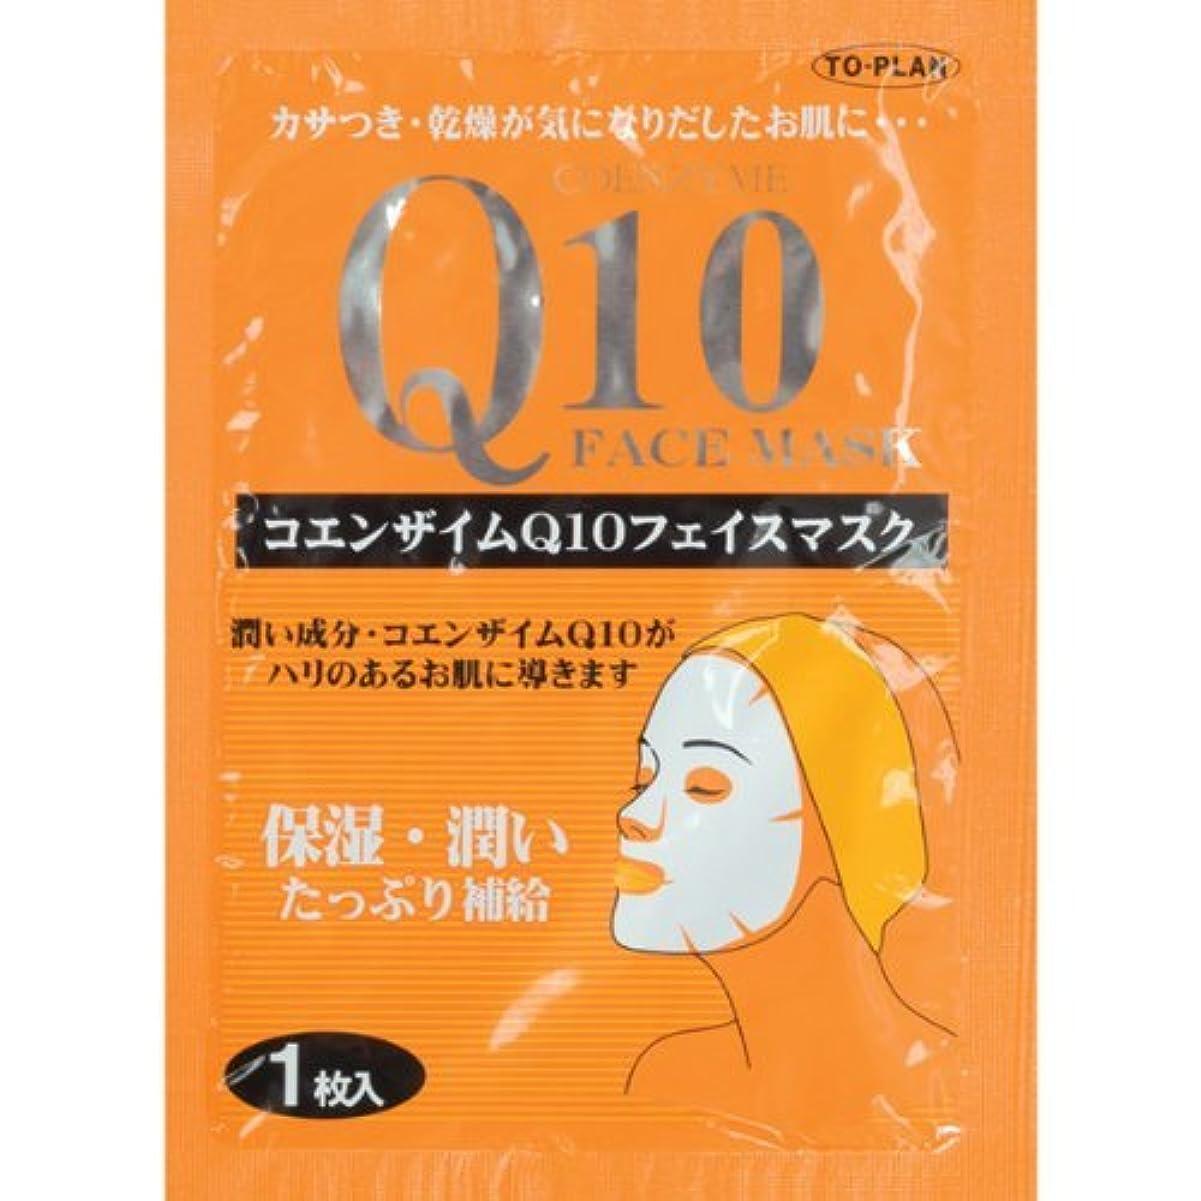 花瓶ありそうパラメータフェイスマスク コエンザイムQ10 まとめ買い プレゼント フェイスパック (50枚)